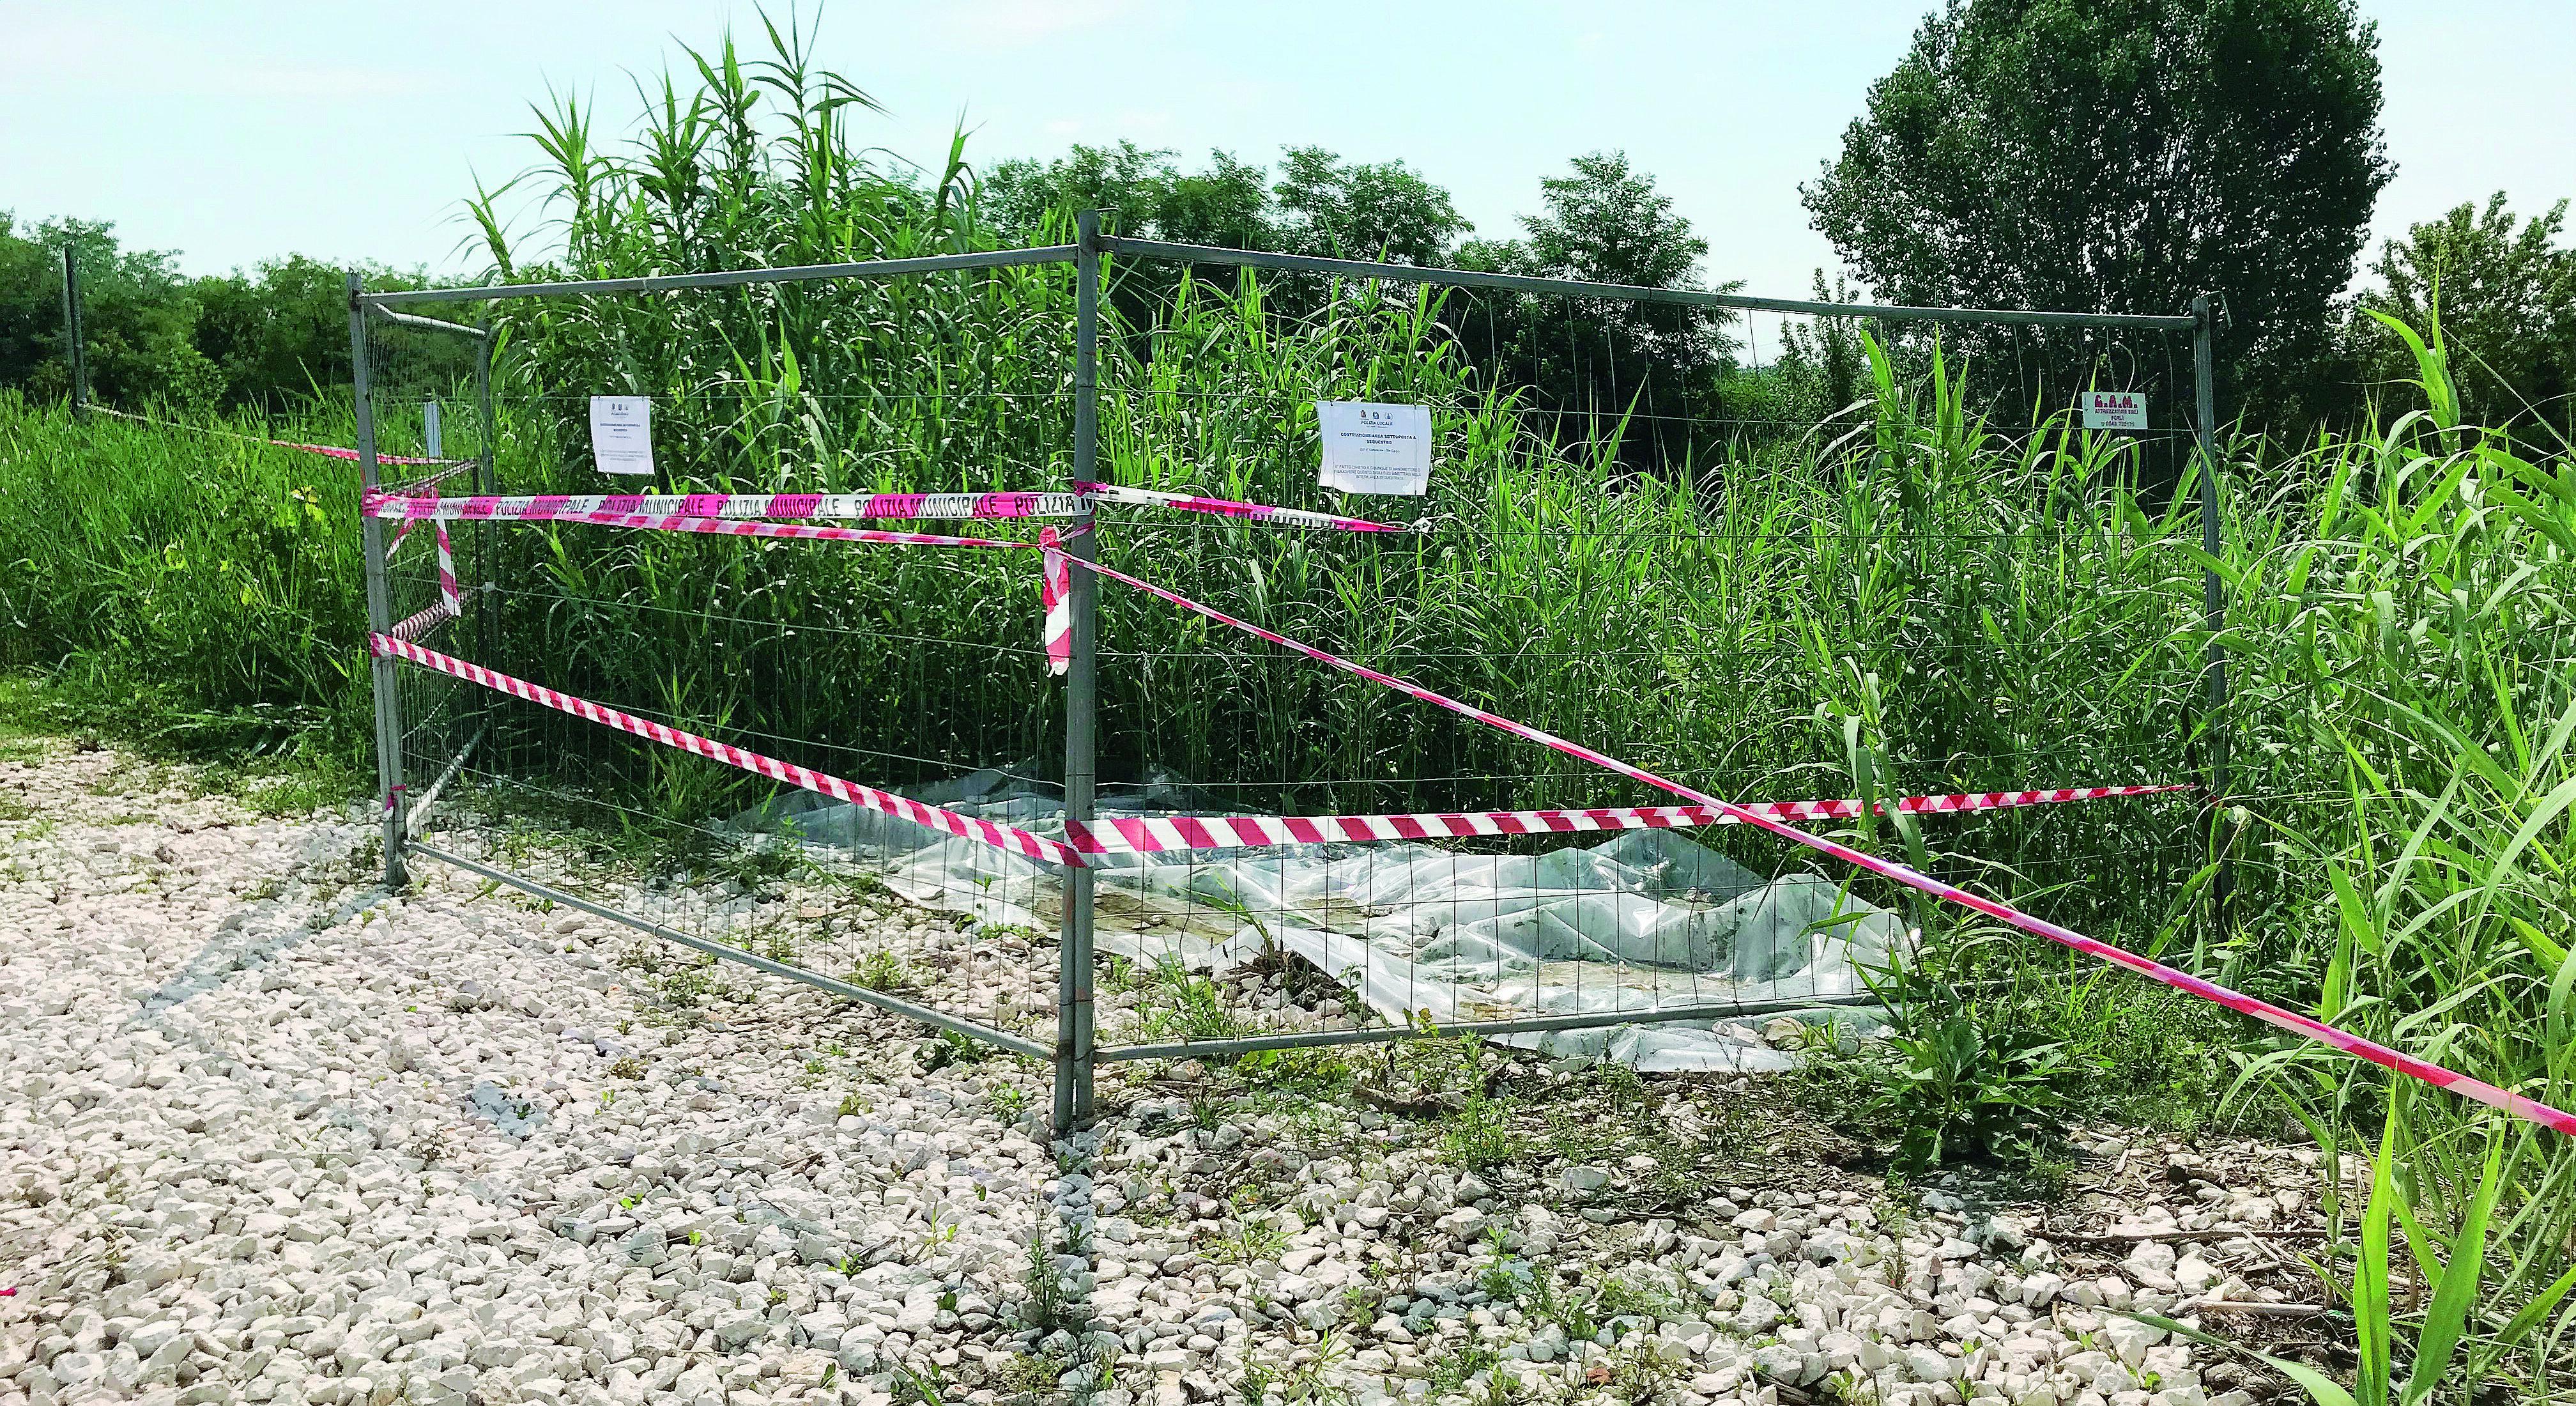 Ravenna, imprenditore sversa liquami. Sequestrato tratto di argine fluviale